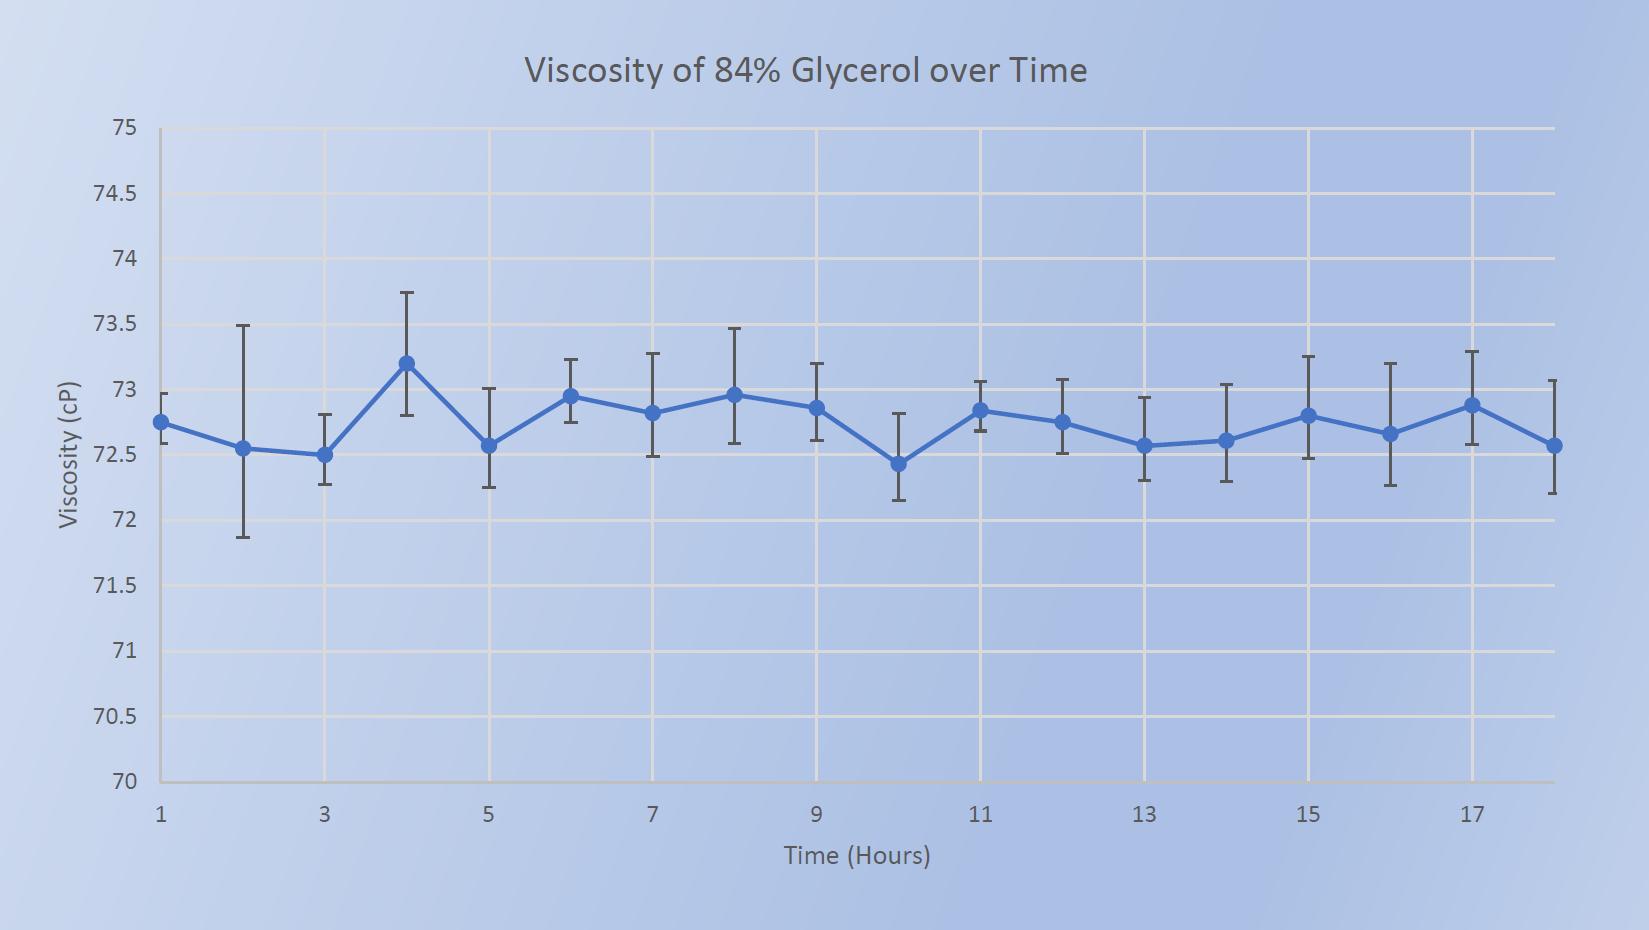 Viscosity of 84% Glycerol over Time